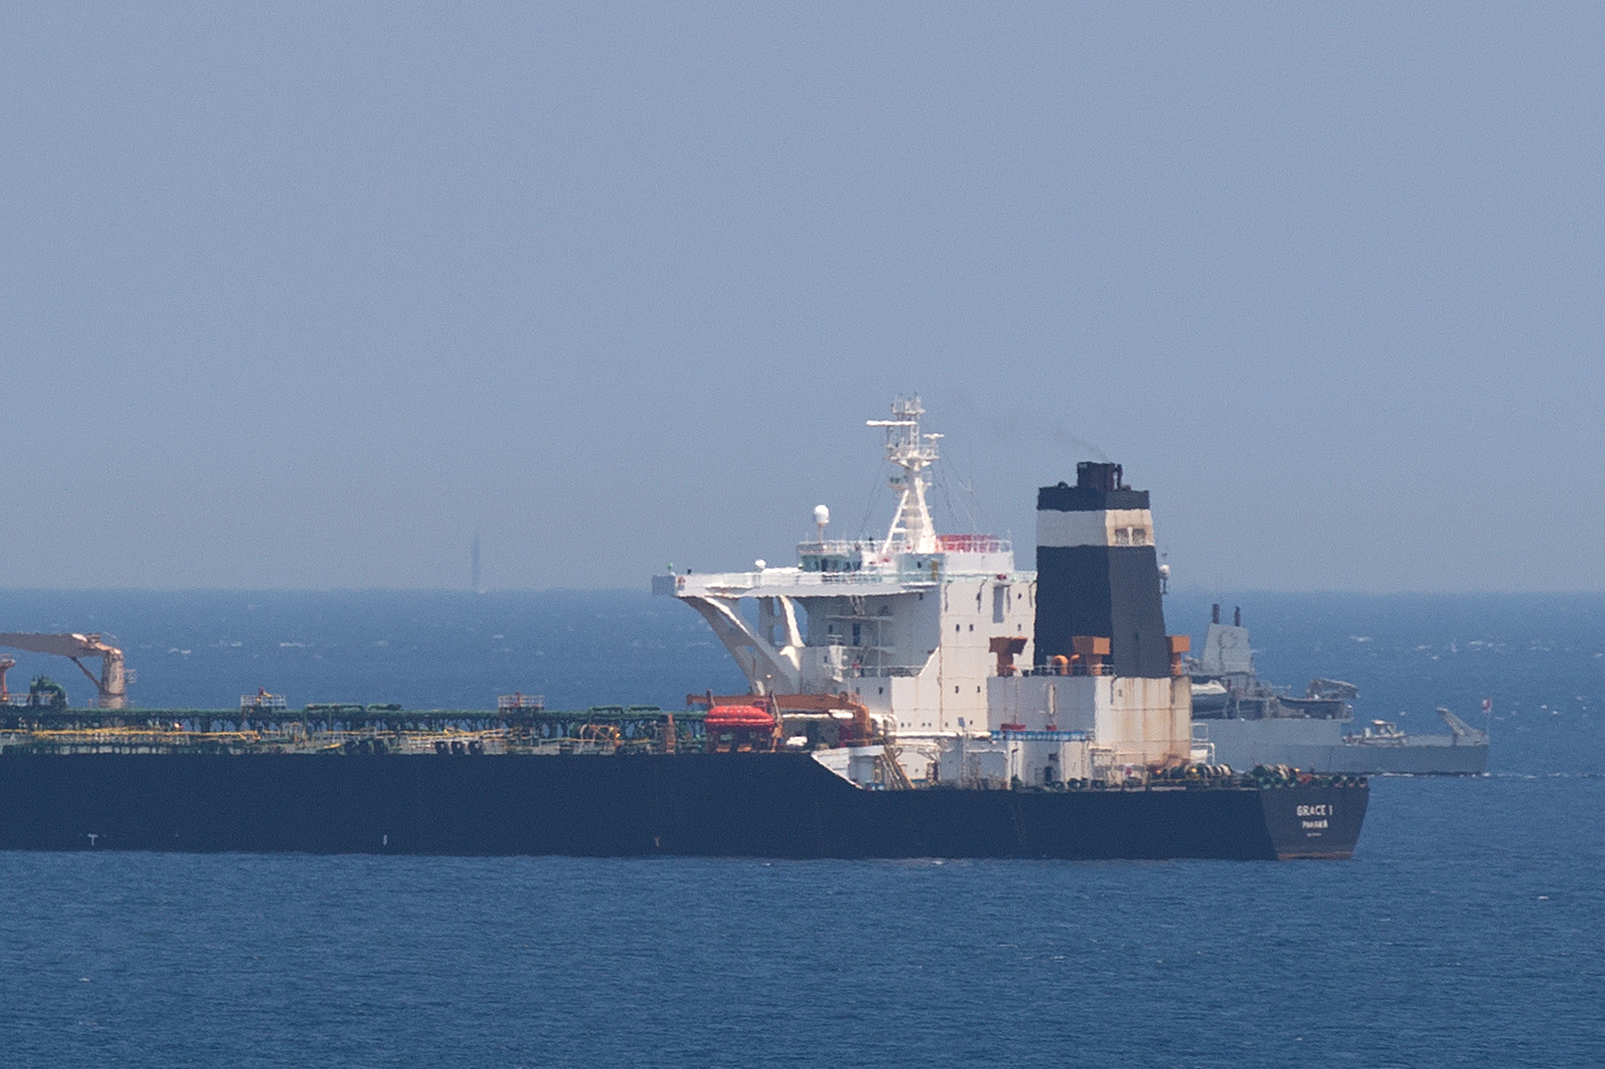 向敘利亞運原油違反制裁 伊朗油輪被英扣押